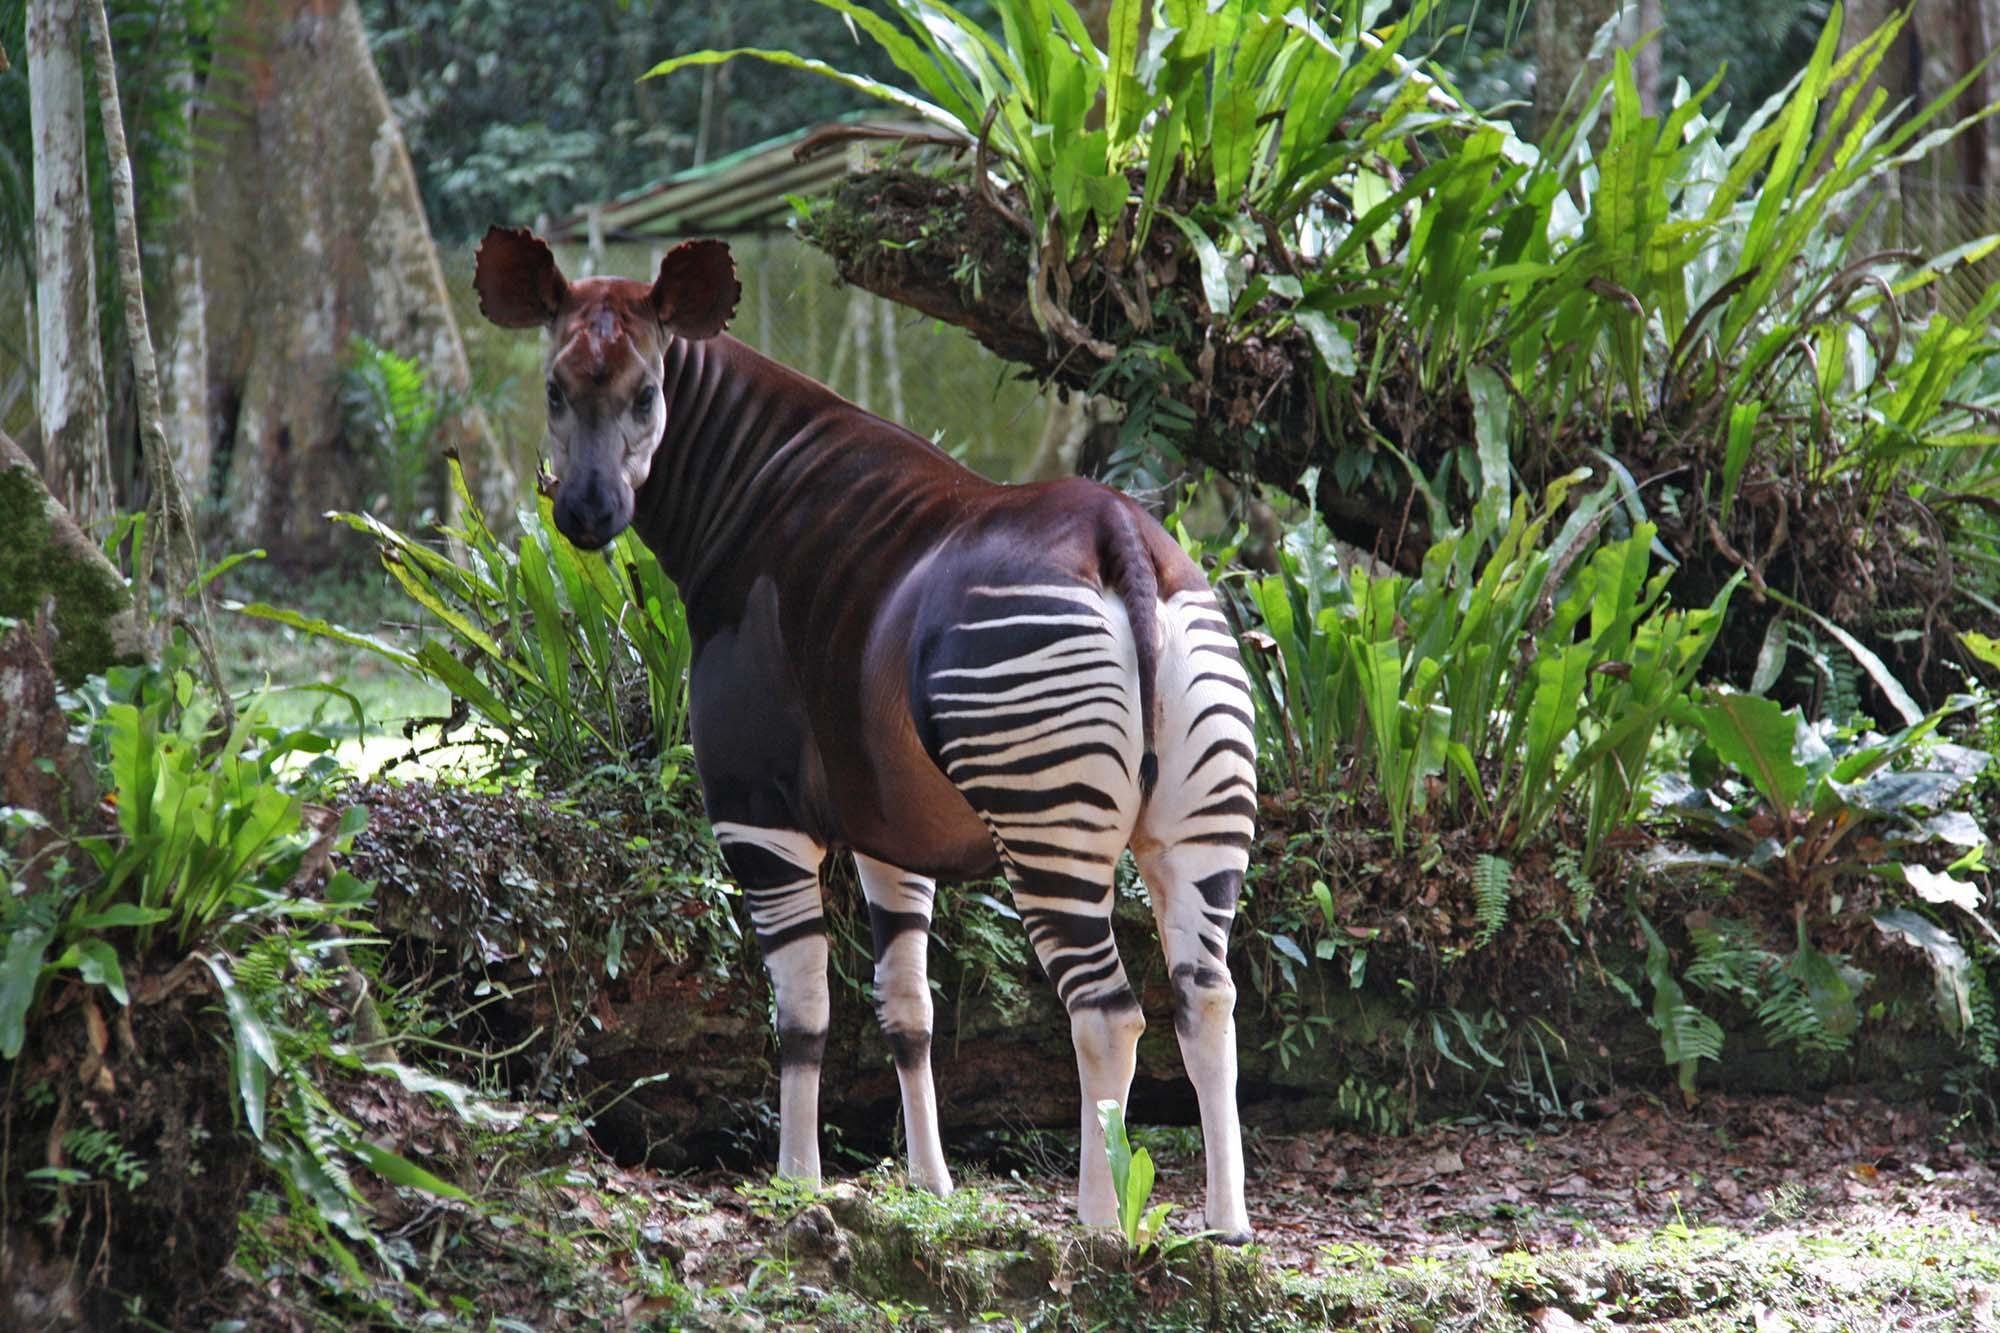 Okapi National Park